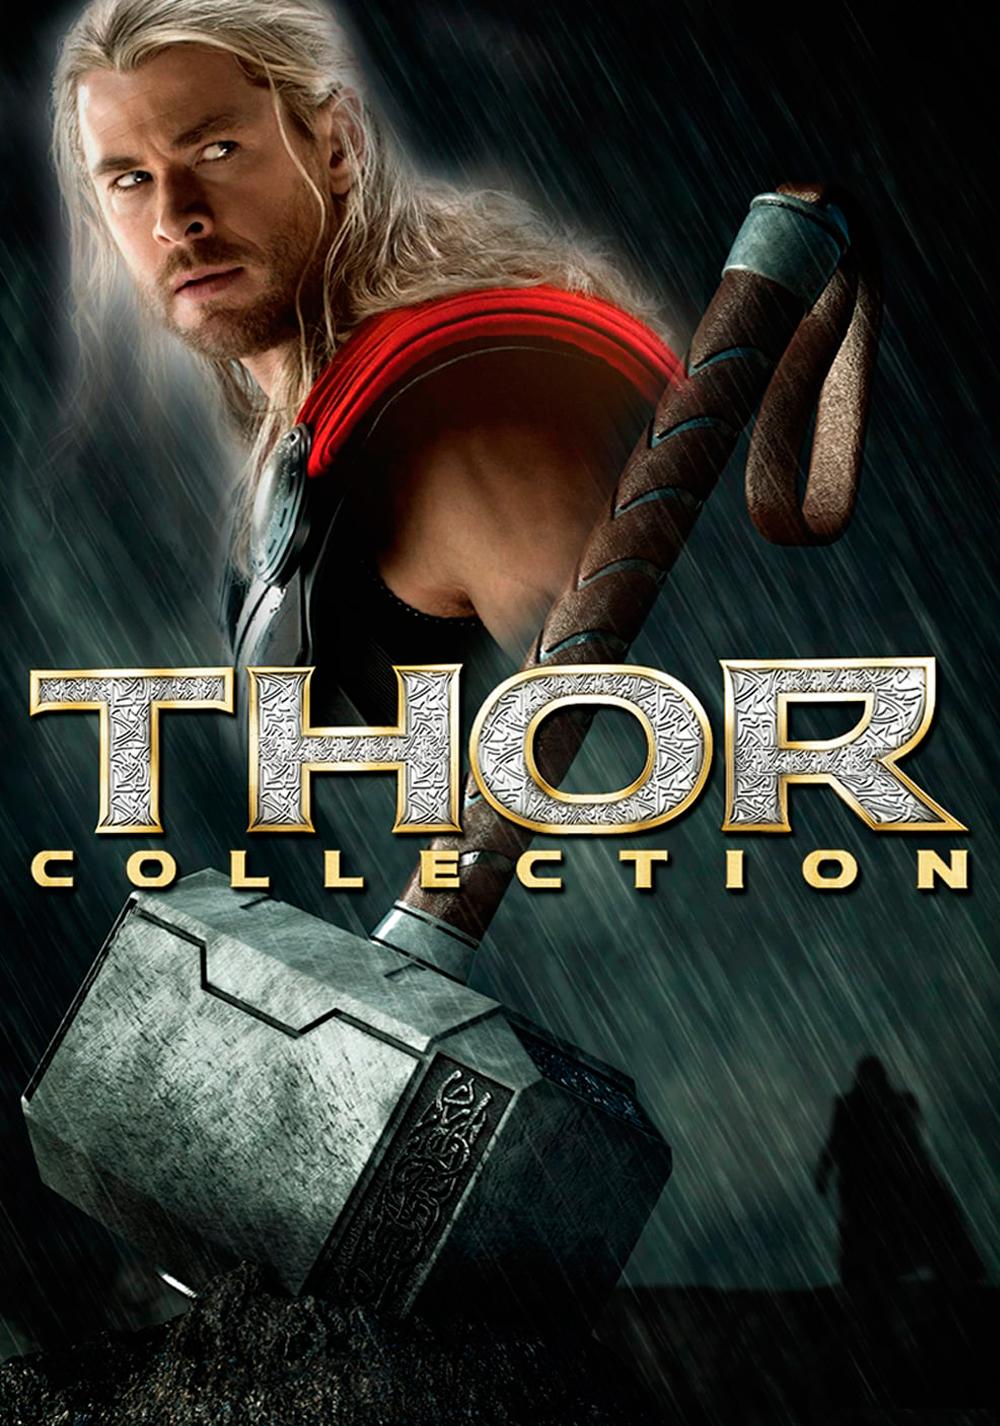 Thor ธอร์ เทพเจ้าสายฟ้า  ภาค1-3